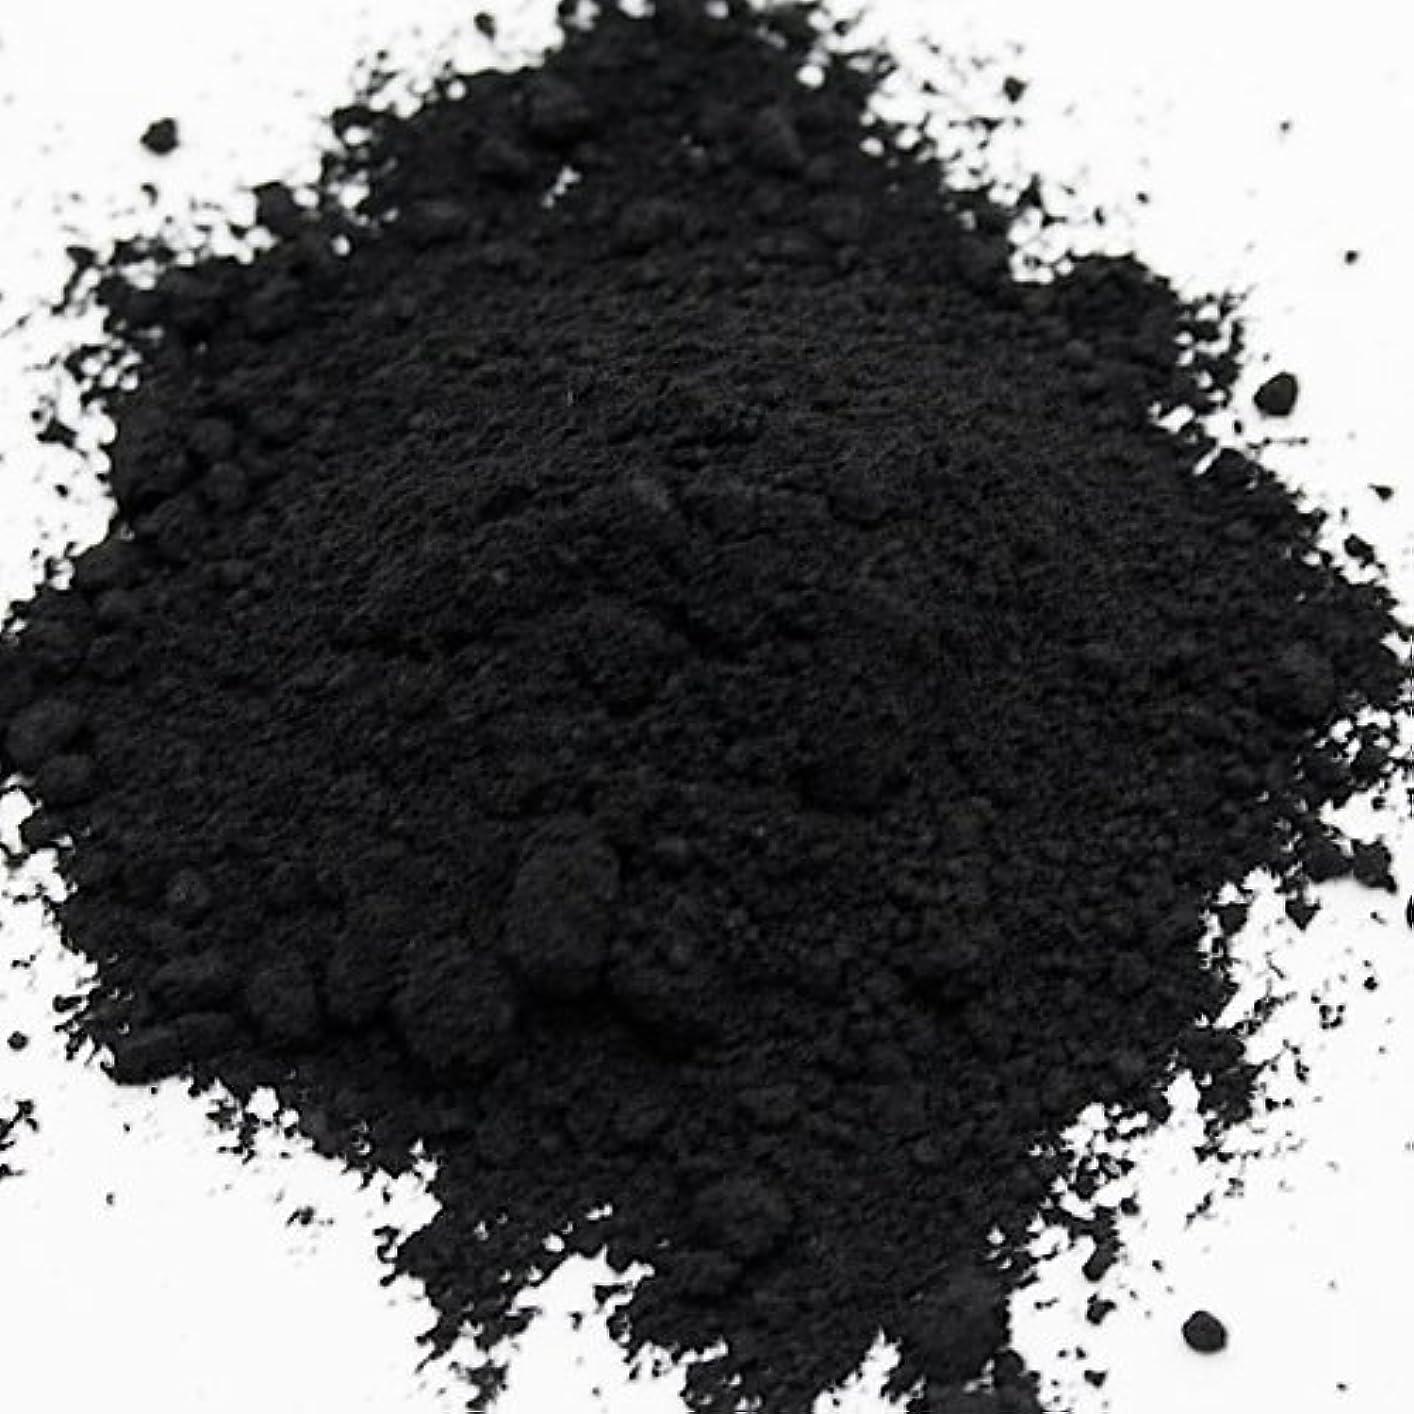 シミュレートする安いですネイティブ酸化鉄 ブラック 20g 【手作り石鹸/手作りコスメ/色付け/カラーラント/黒】